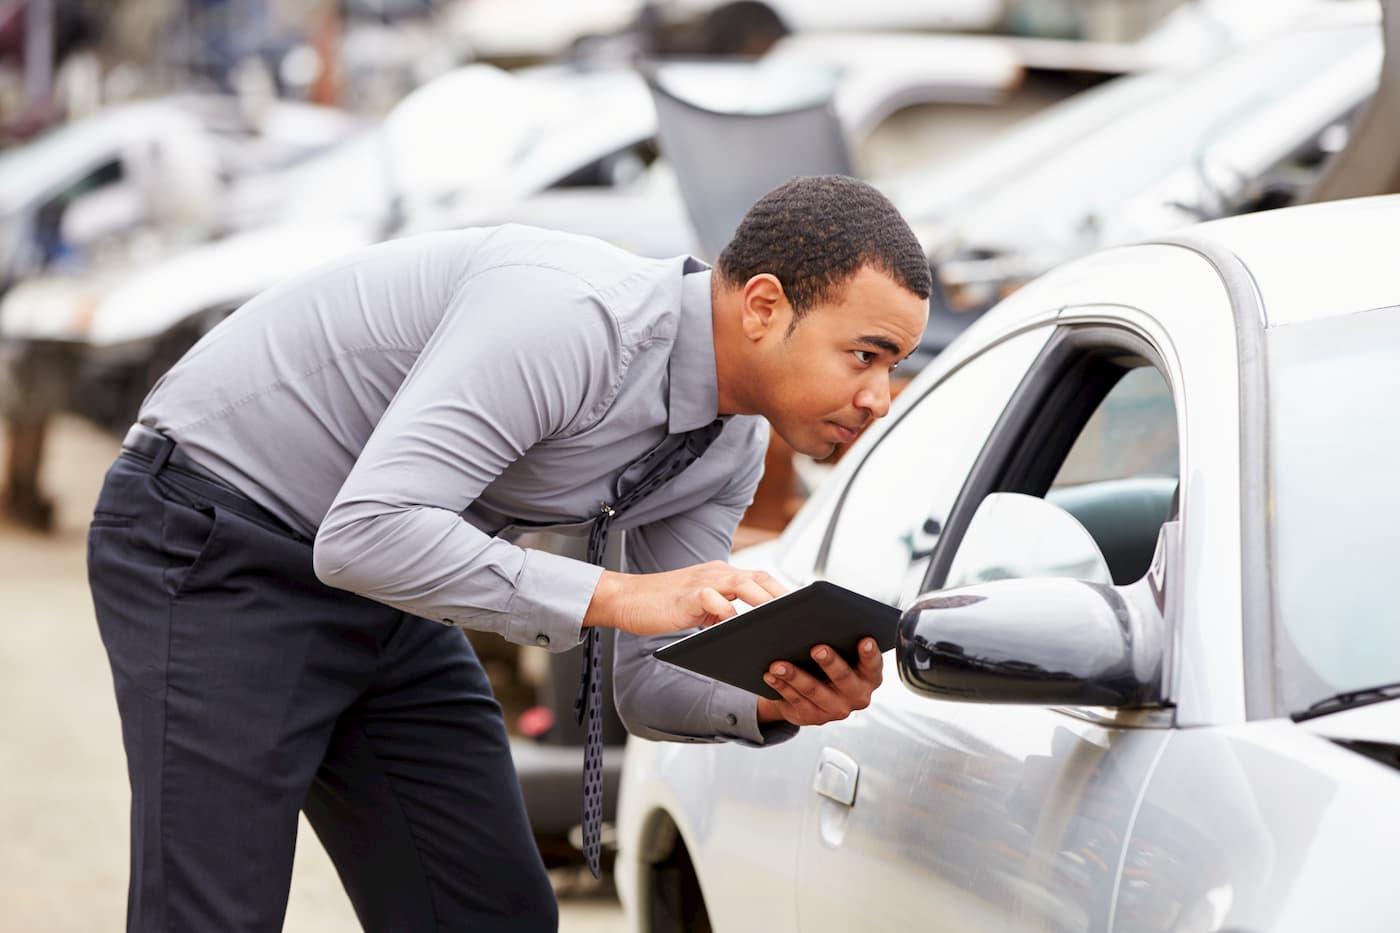 ελεγχος ενοικιασης αυτοκινητου